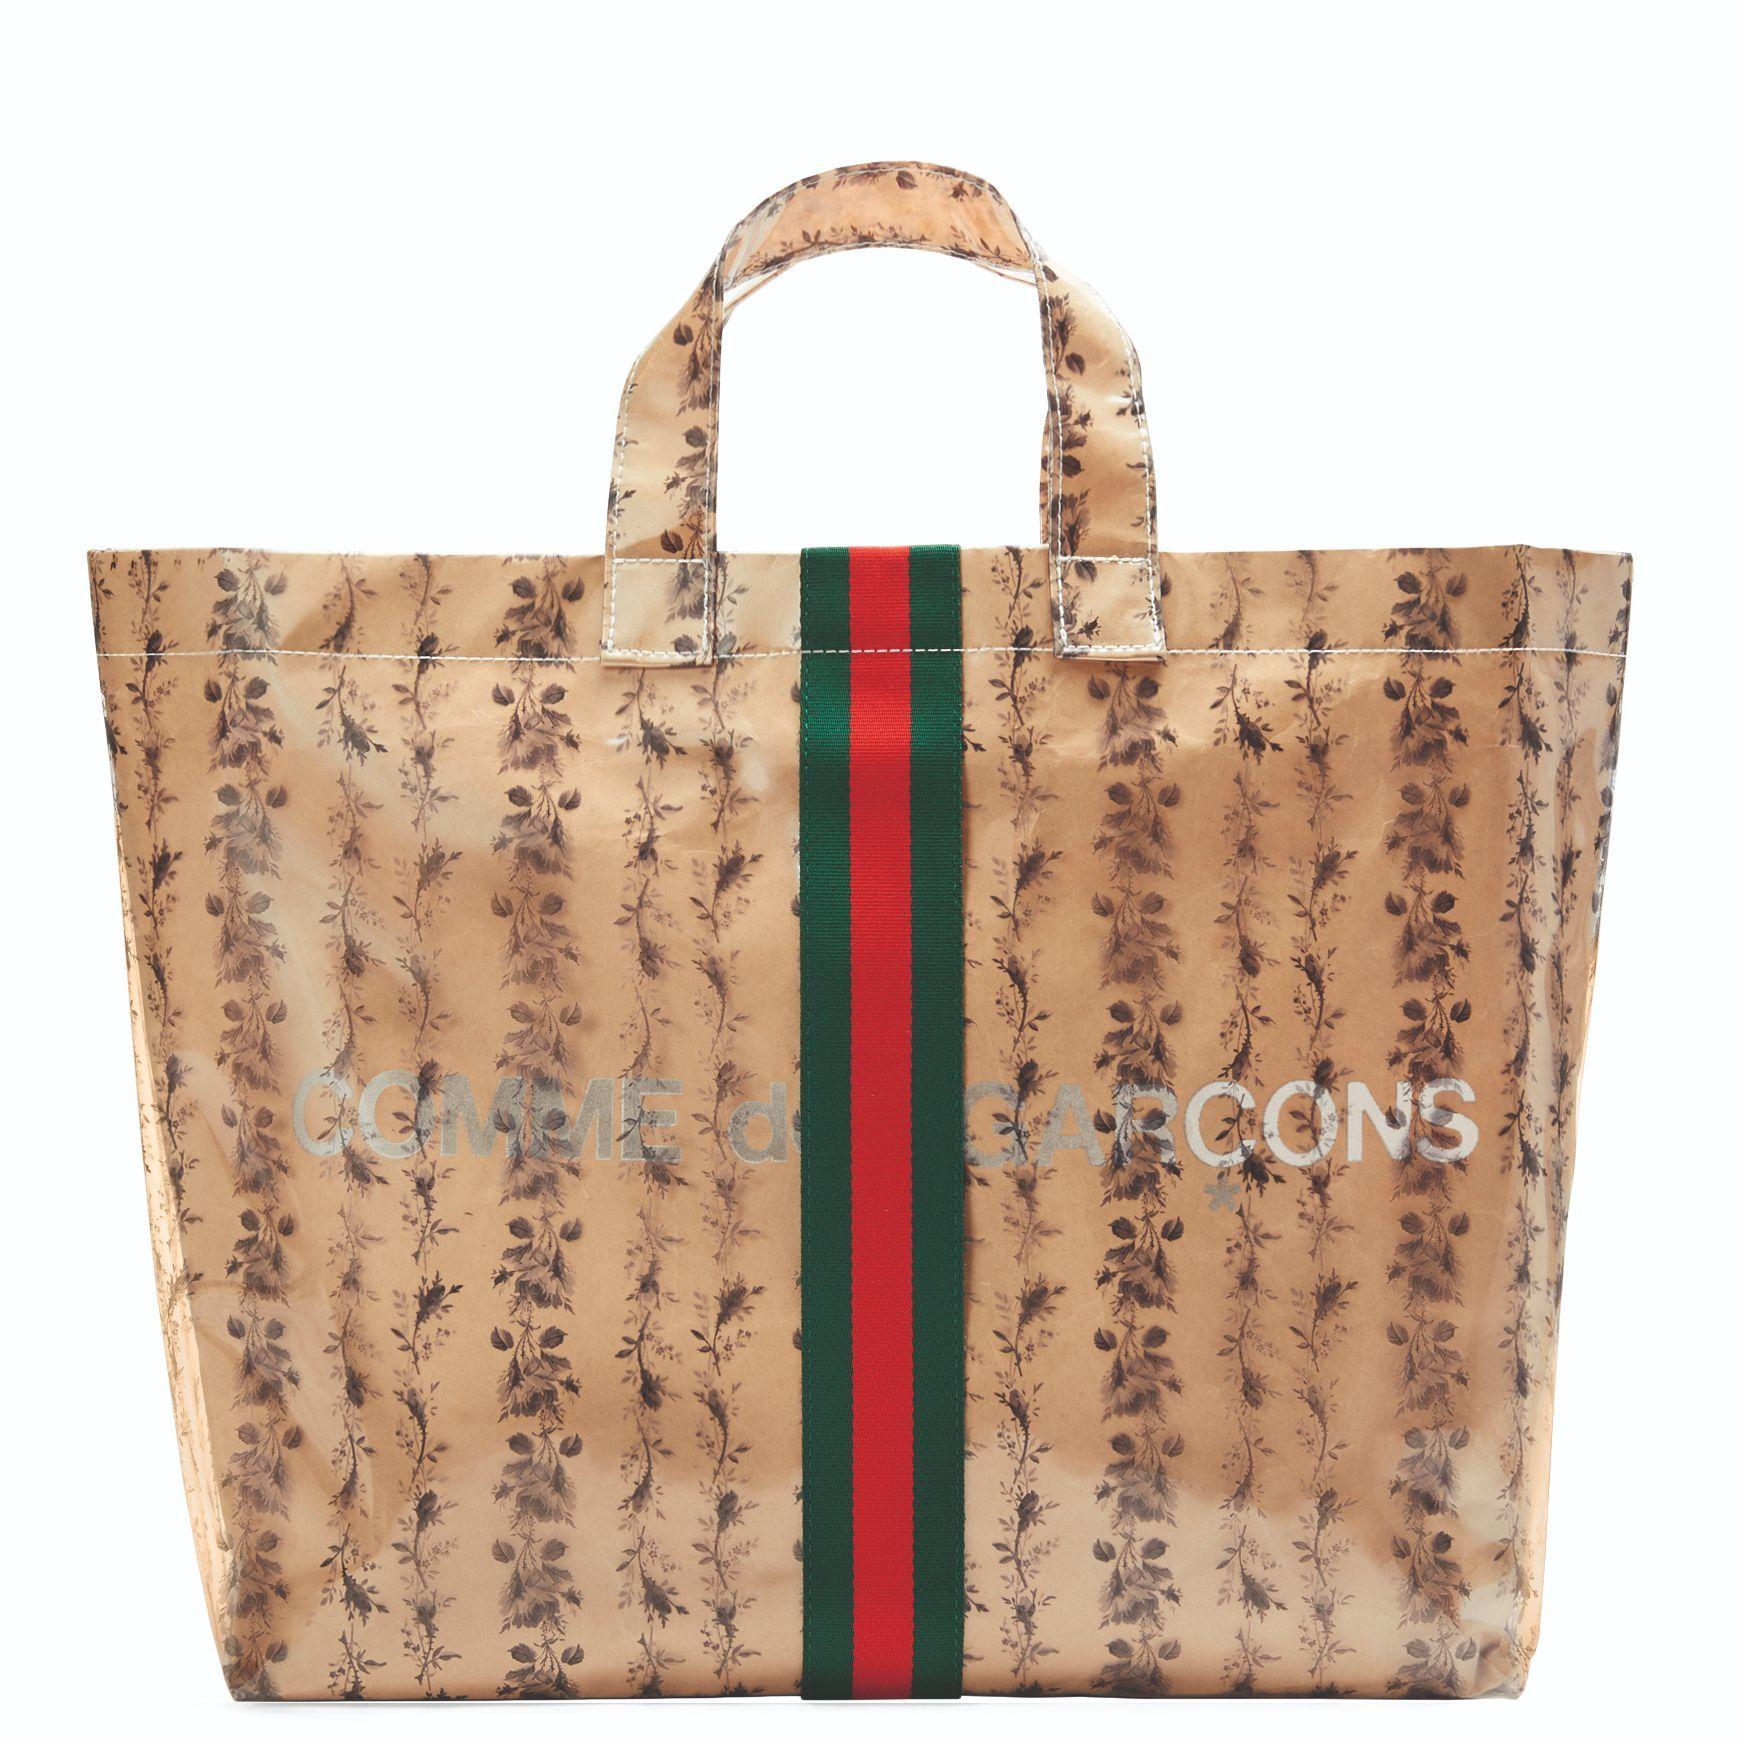 Gucci x Comme des Garçons 聯名包款